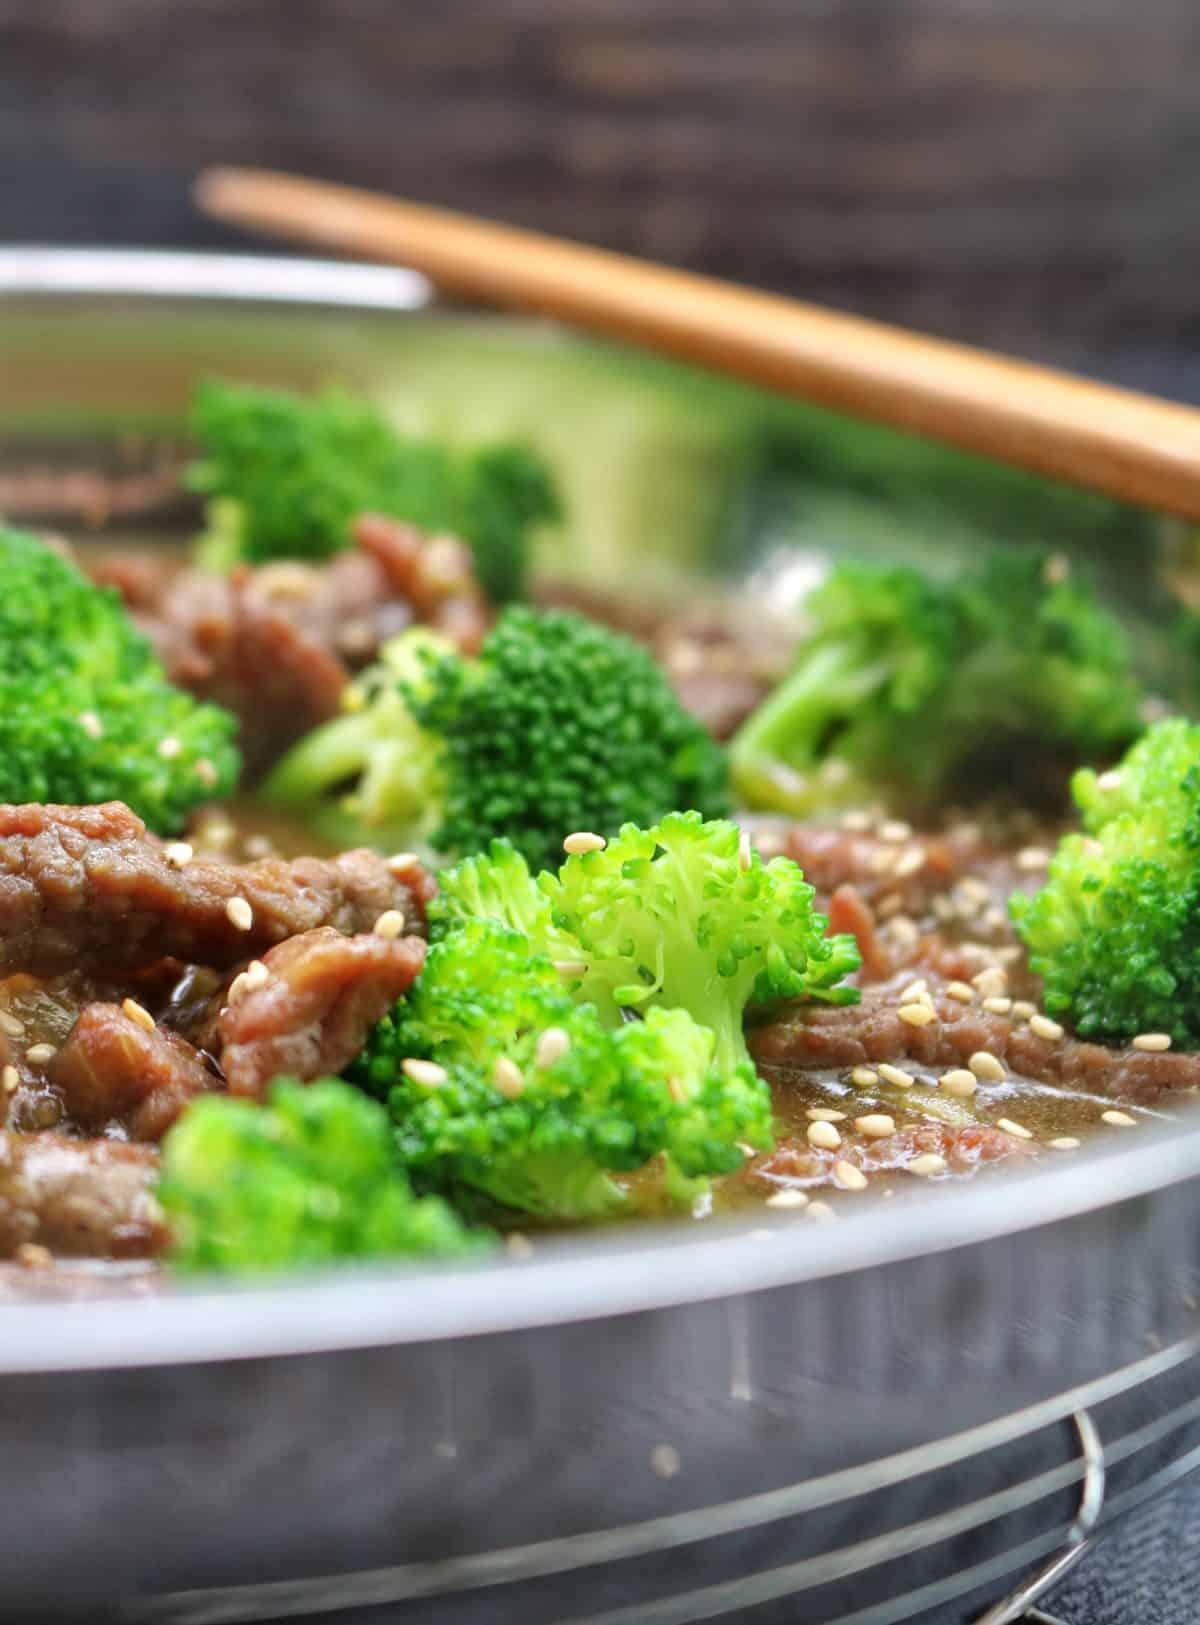 Eine Pfanne mit Beef und Brokkoli in Nahaufnahme mit Essstäbchen.